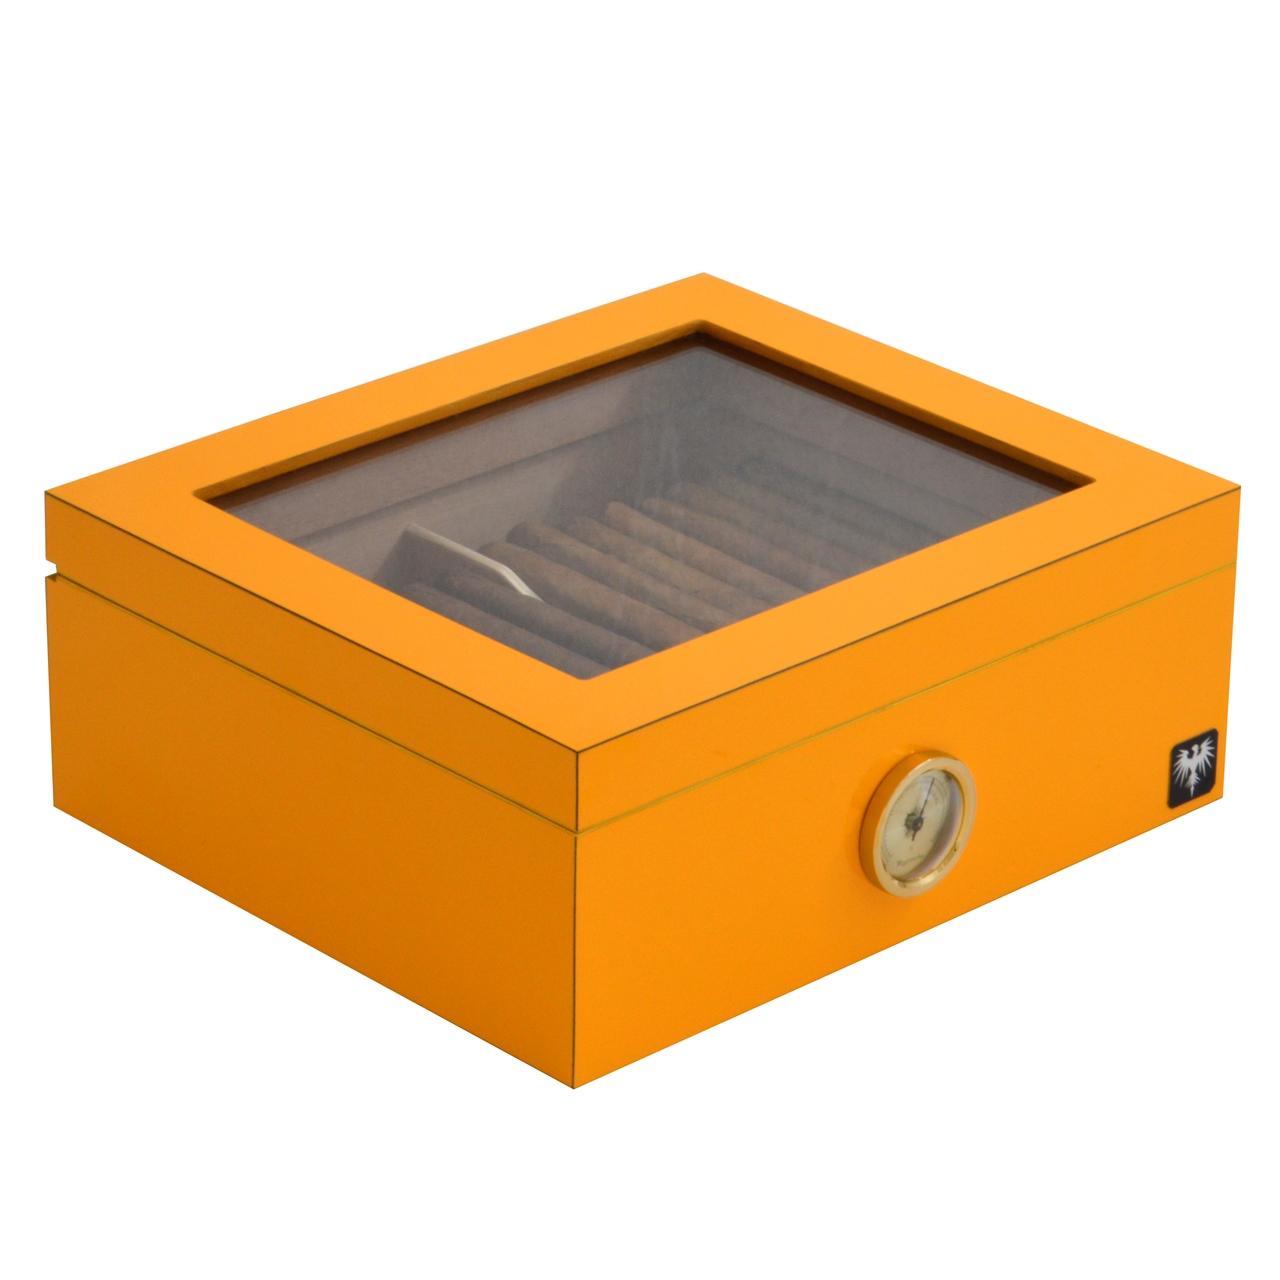 estojo-umidor-40-50-charutos-madeira-cedro-amarelo-imagem-4.jpg